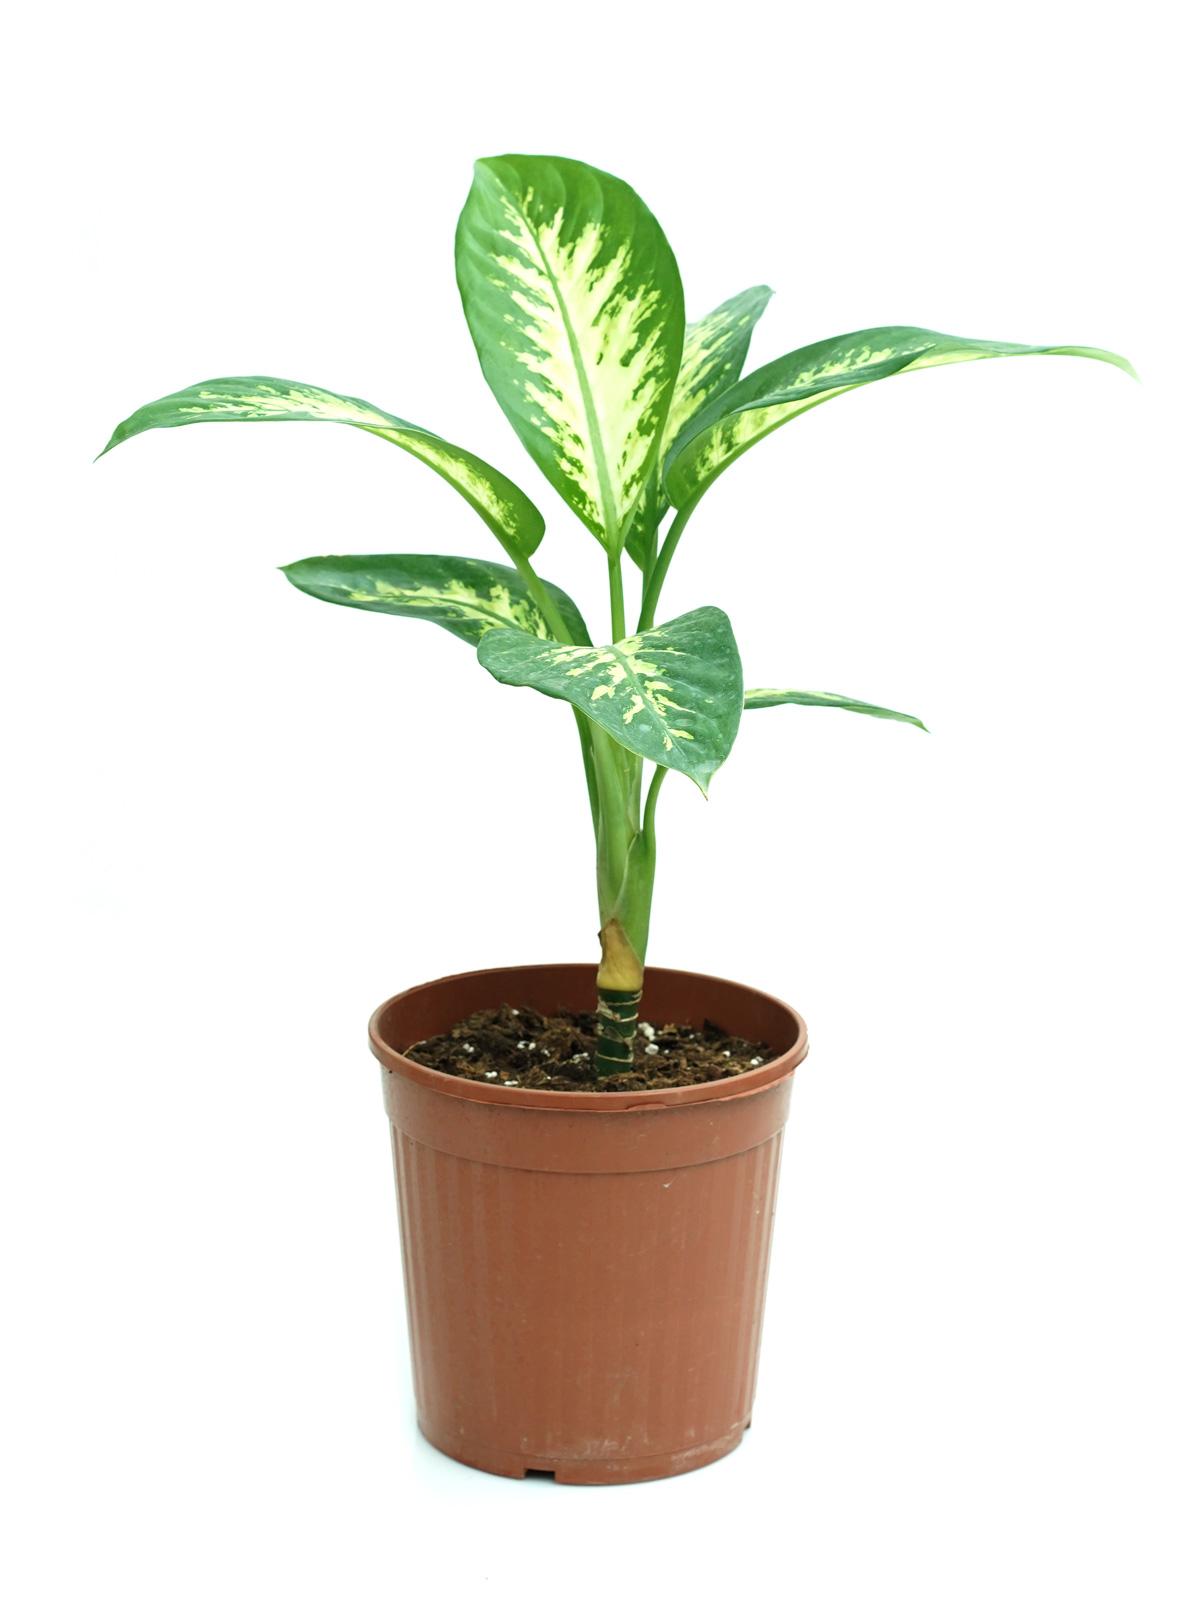 نبات الدفنبخيا تروبيك سنو 'نباتات داخلية'